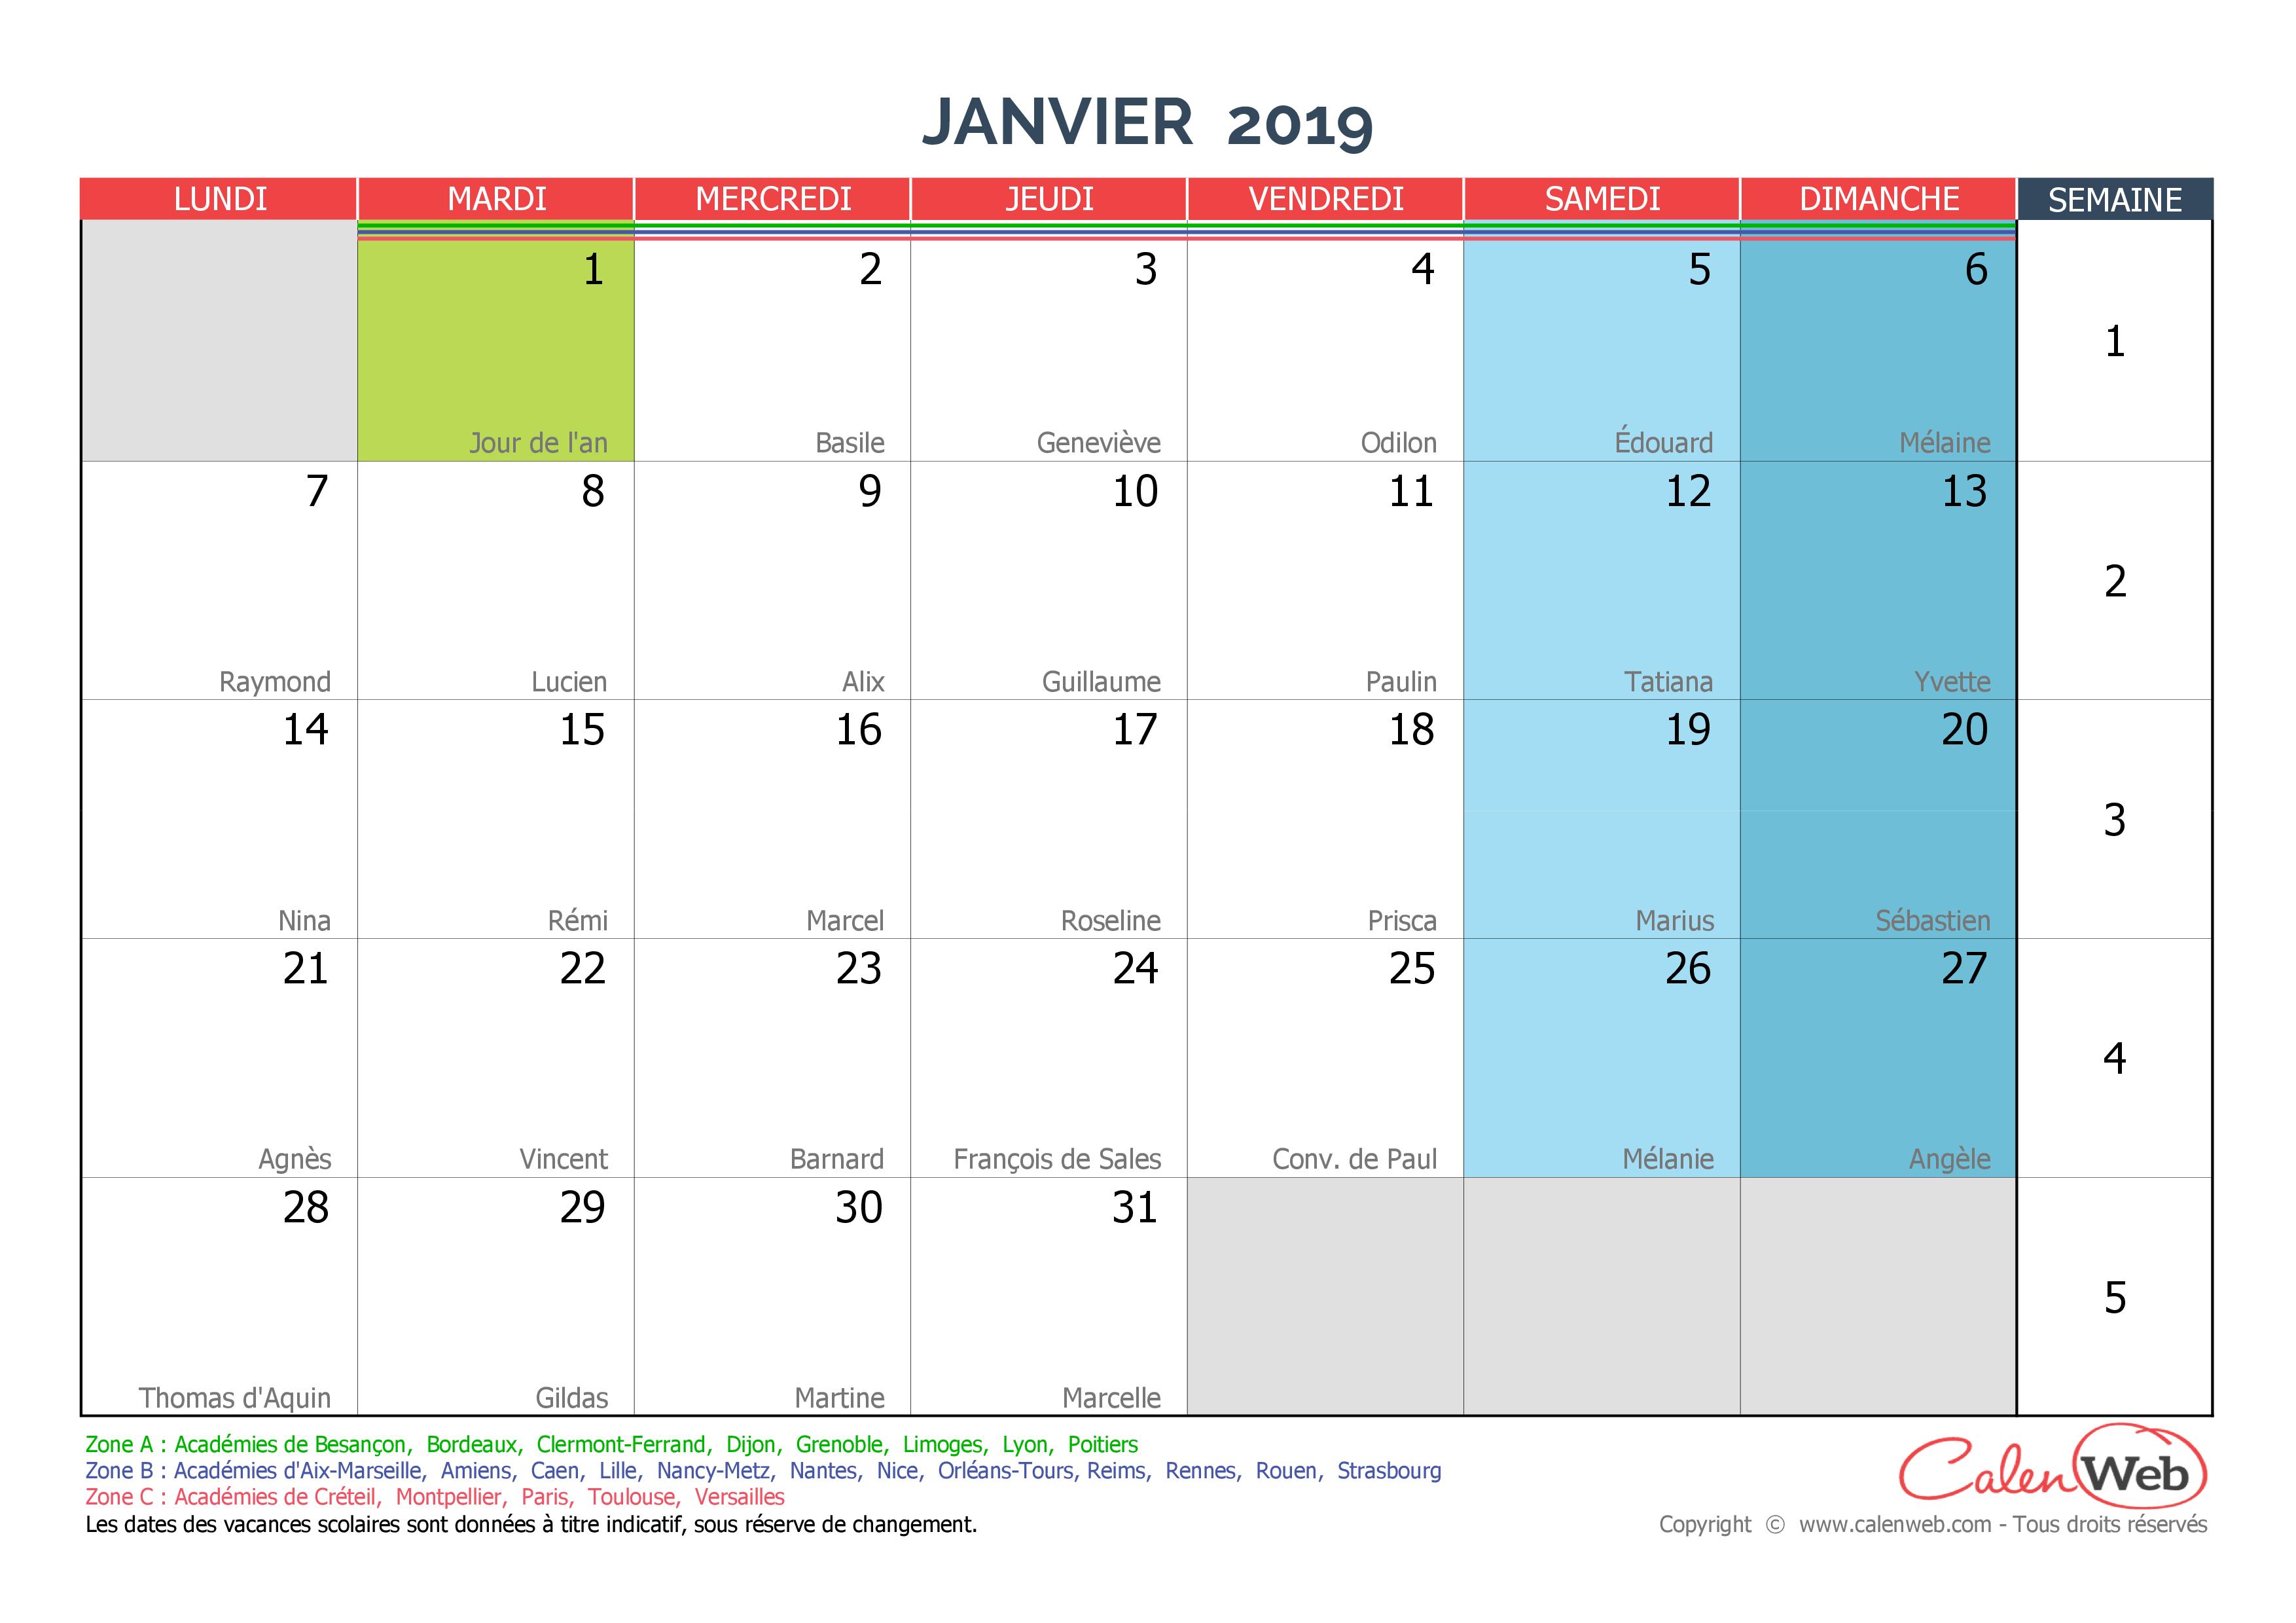 Calendrier Mensuel 2019 Personnalisable Avec Fêtes, Jours avec Calendrier 2019 Avec Jours Fériés Vacances Scolaires À Imprimer